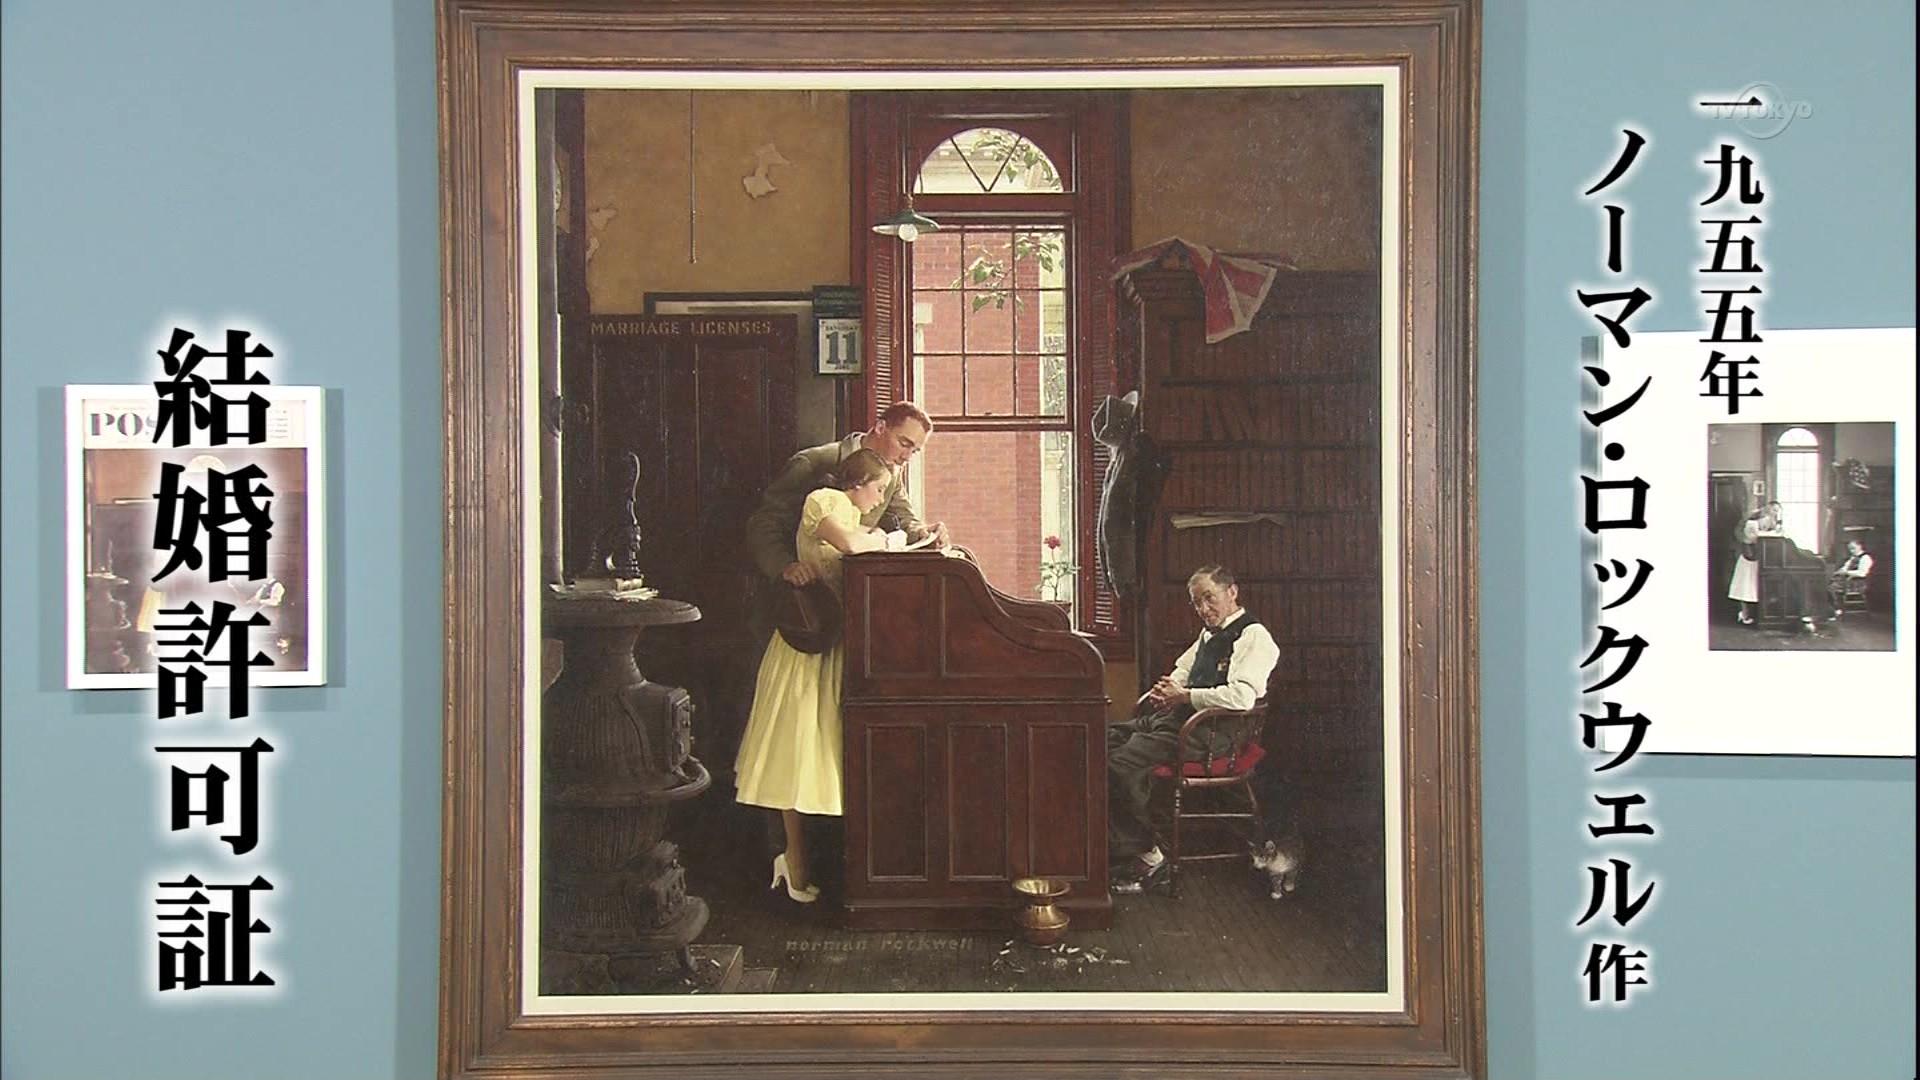 ノーマン ロックウェルの画像 原寸画像検索